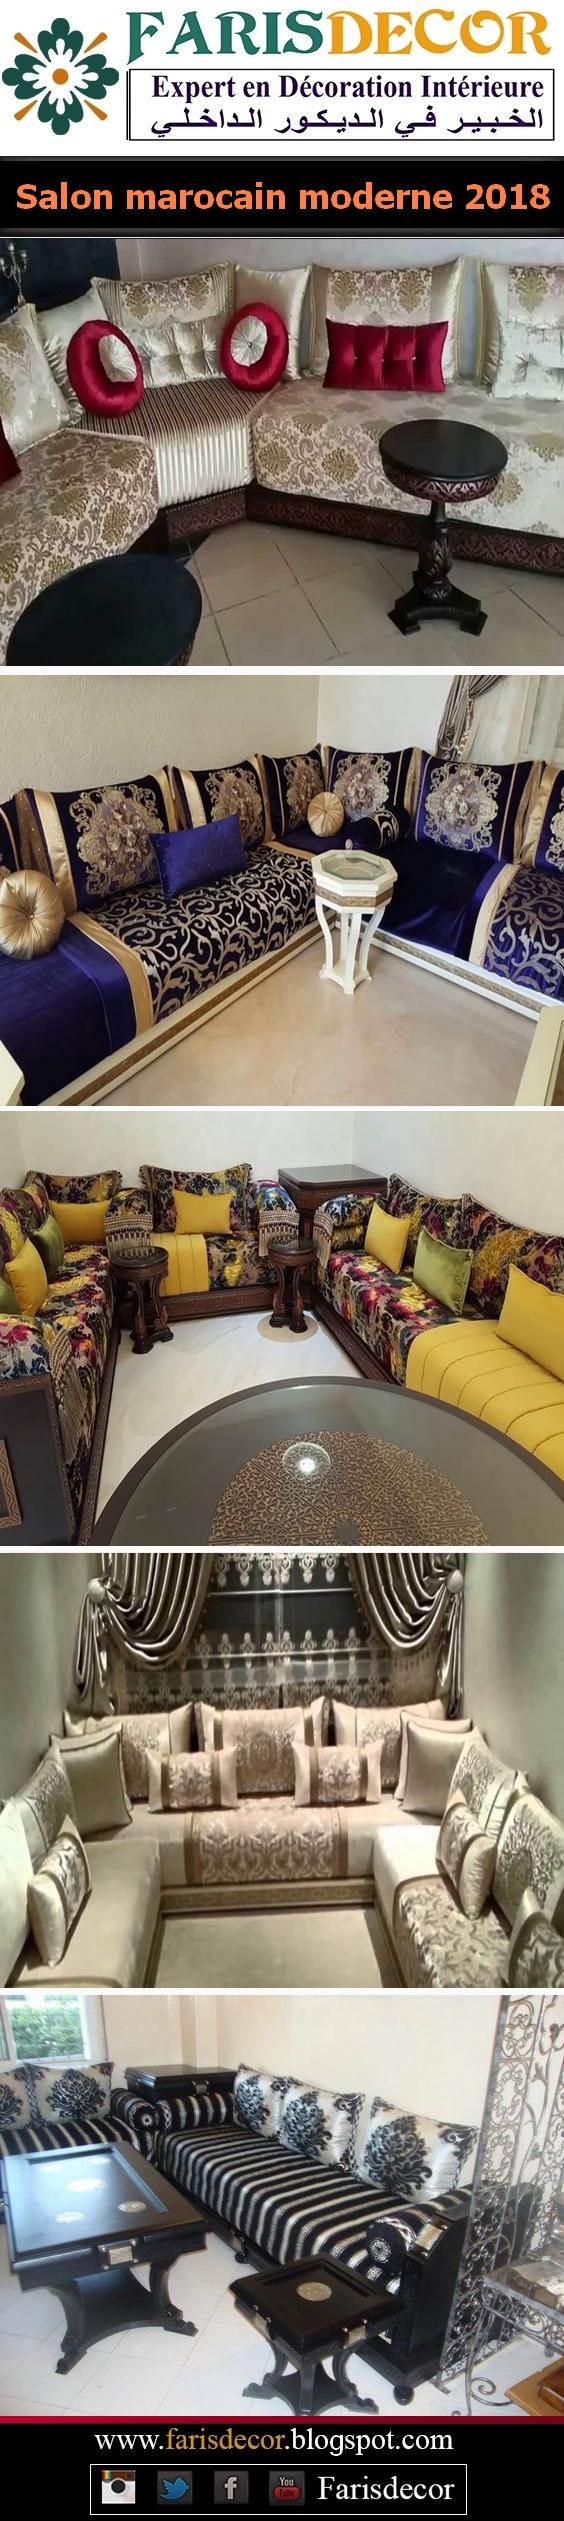 Salon marocain moderne 2018 #Décoration #Architecture #House ...